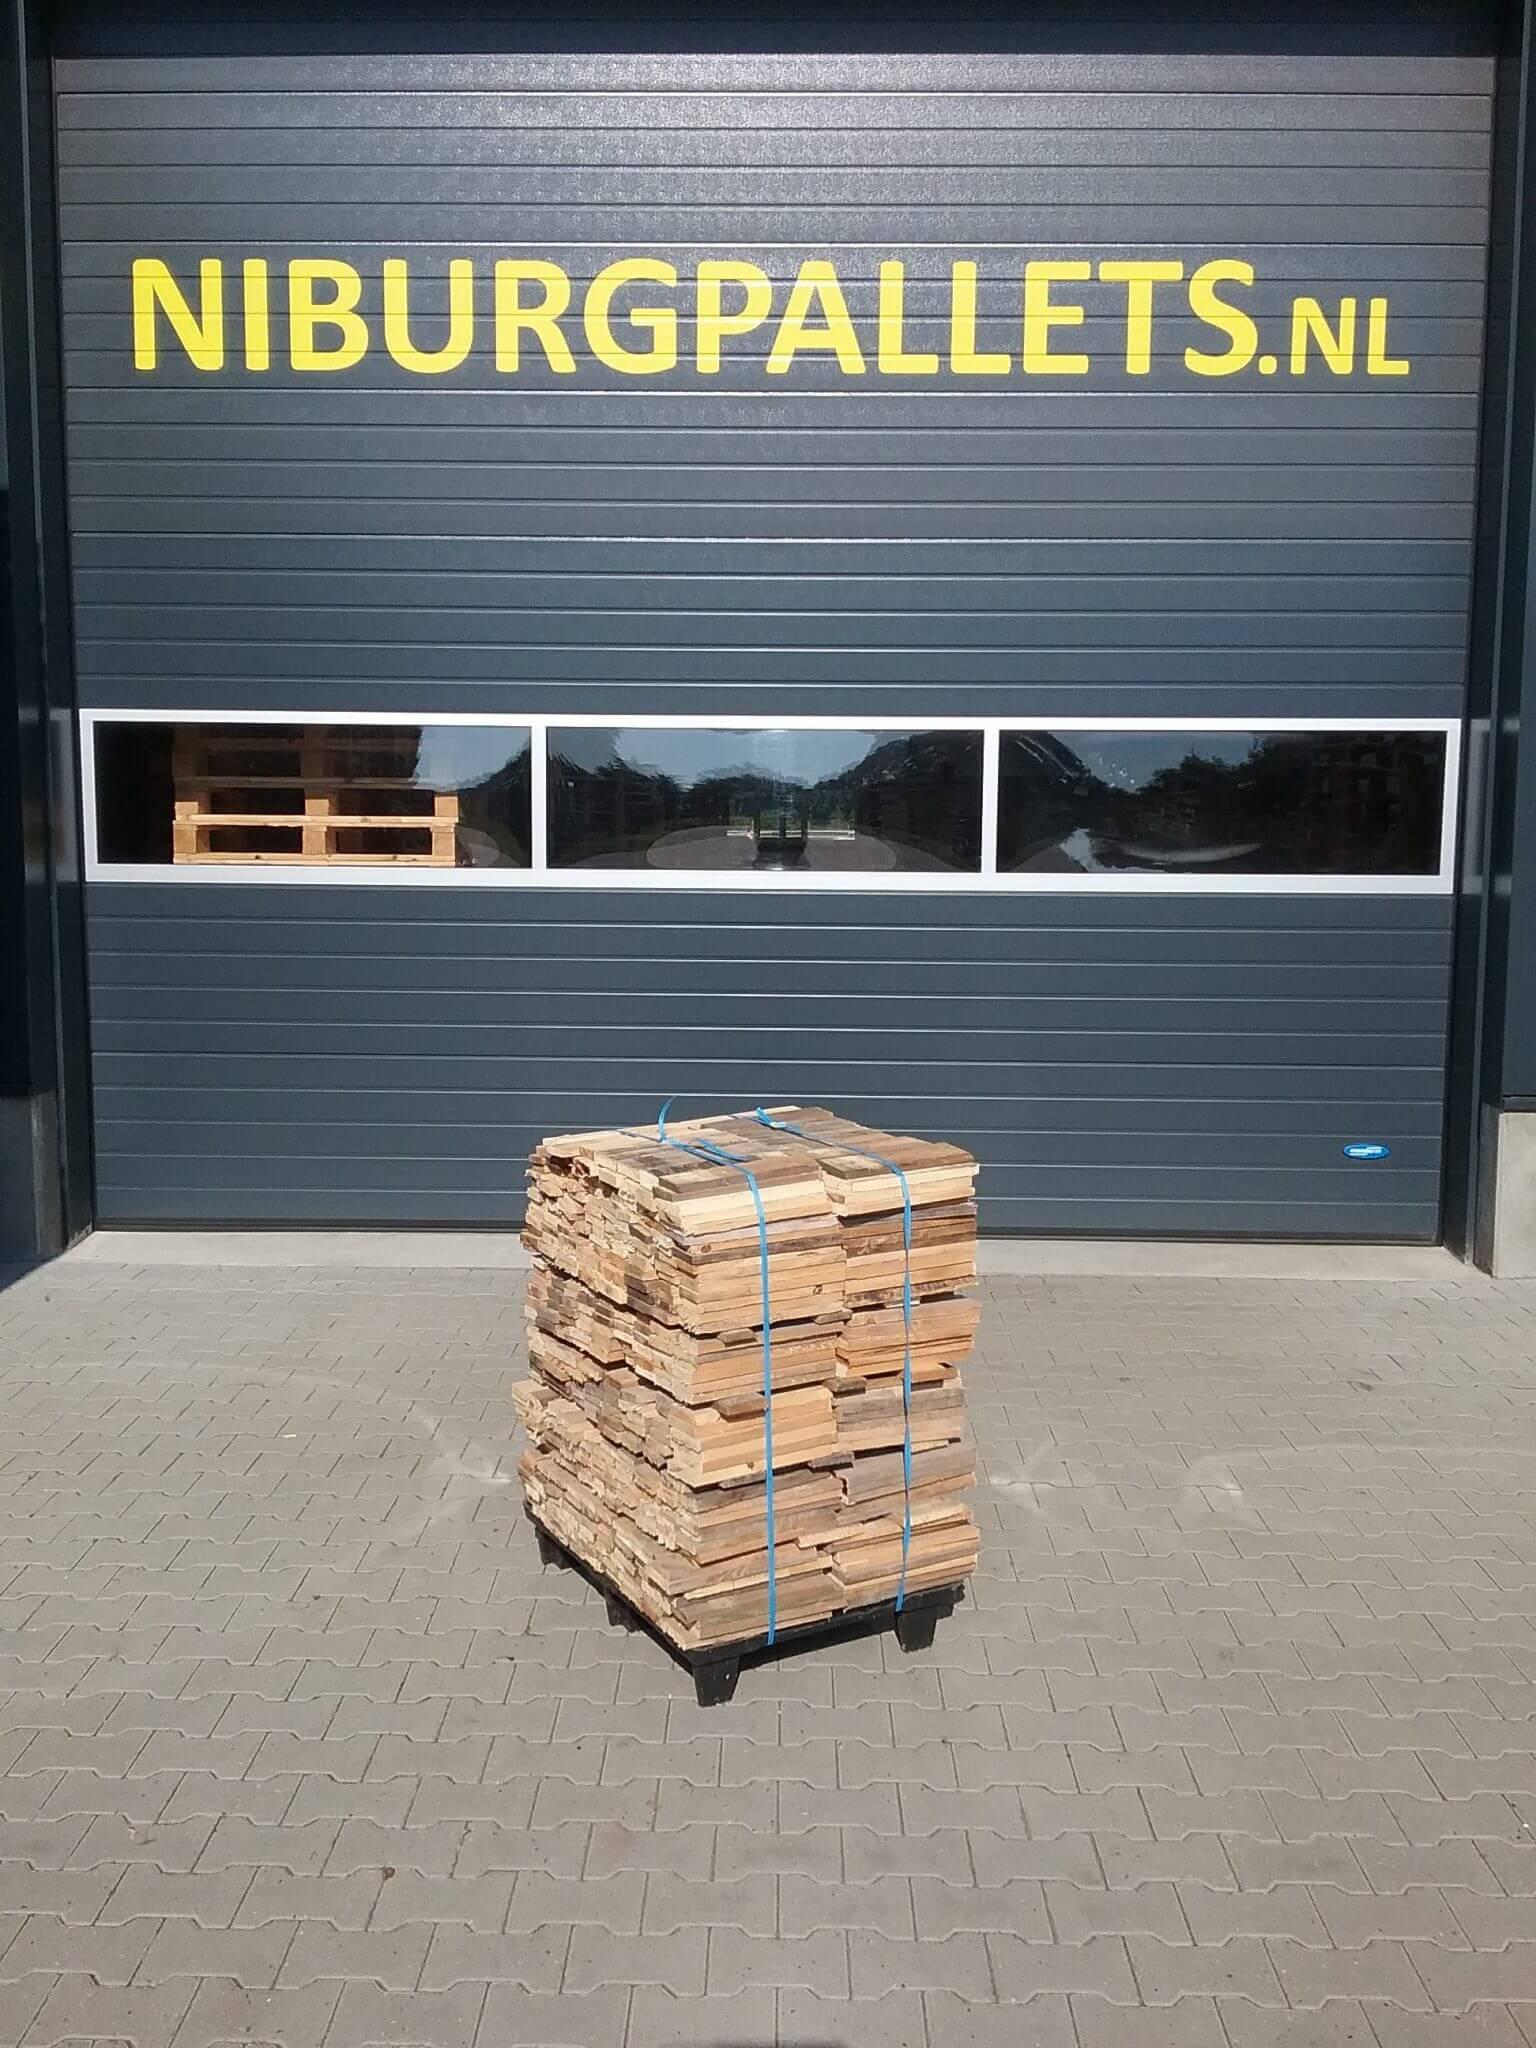 Los Steigerhout Kopen.Palletplanken Pallet Hout Kopen Niburg Pallets